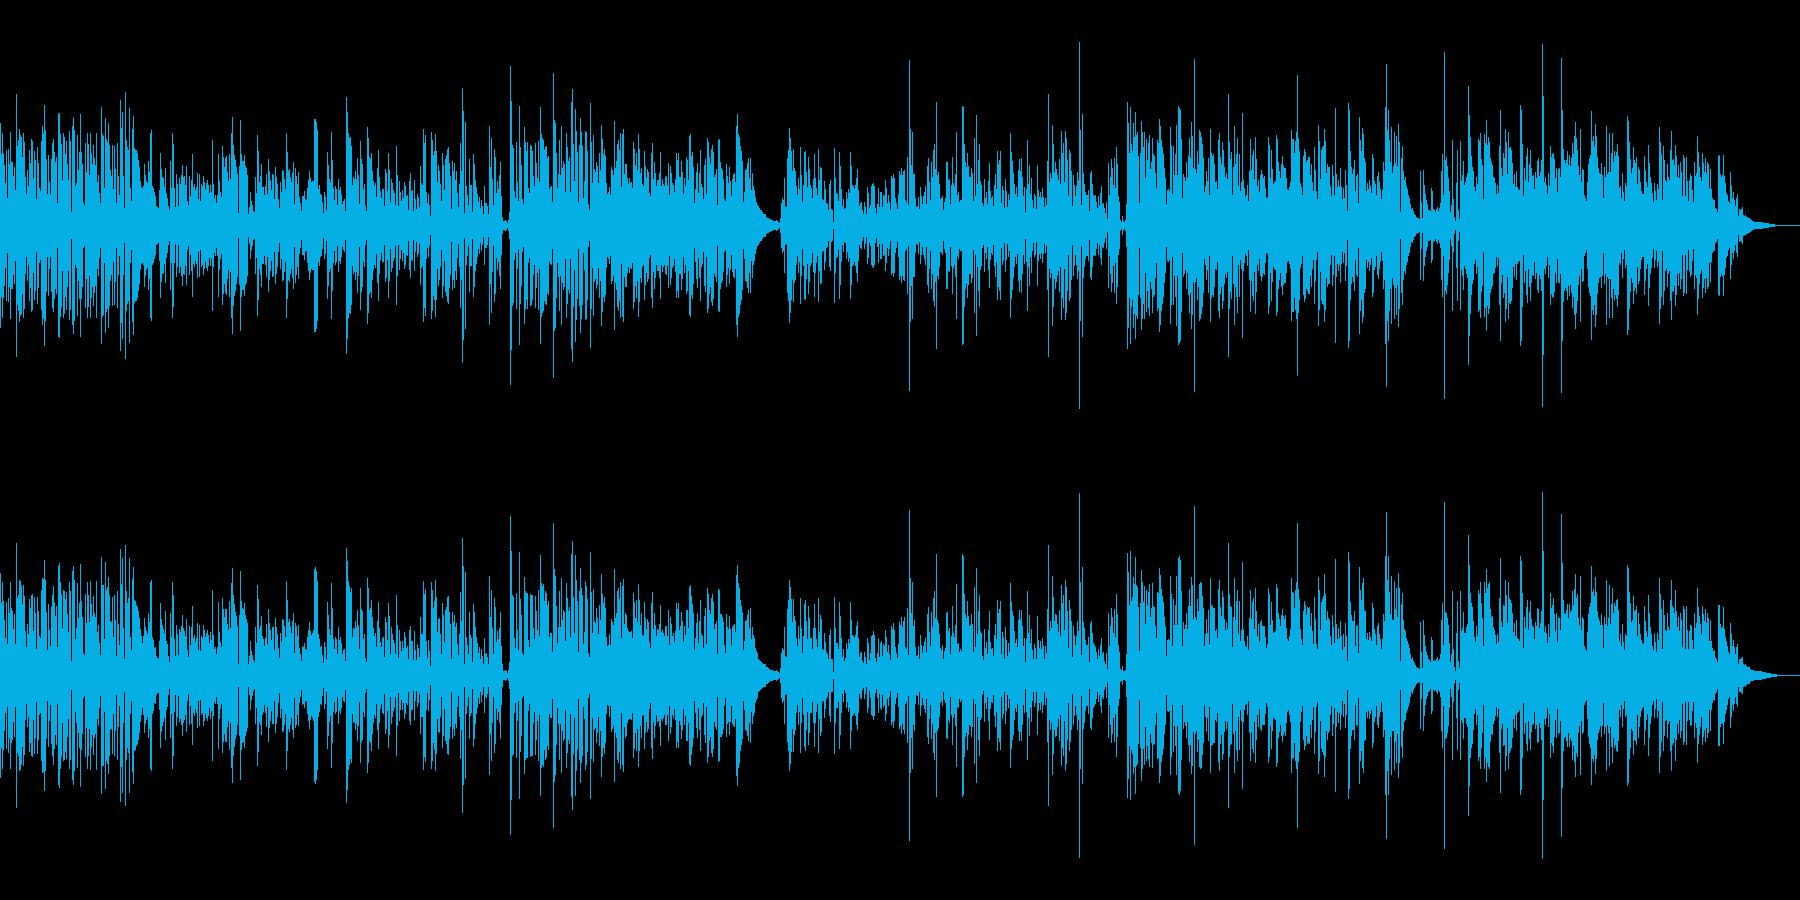 ジャズ風味のアコギインストの再生済みの波形